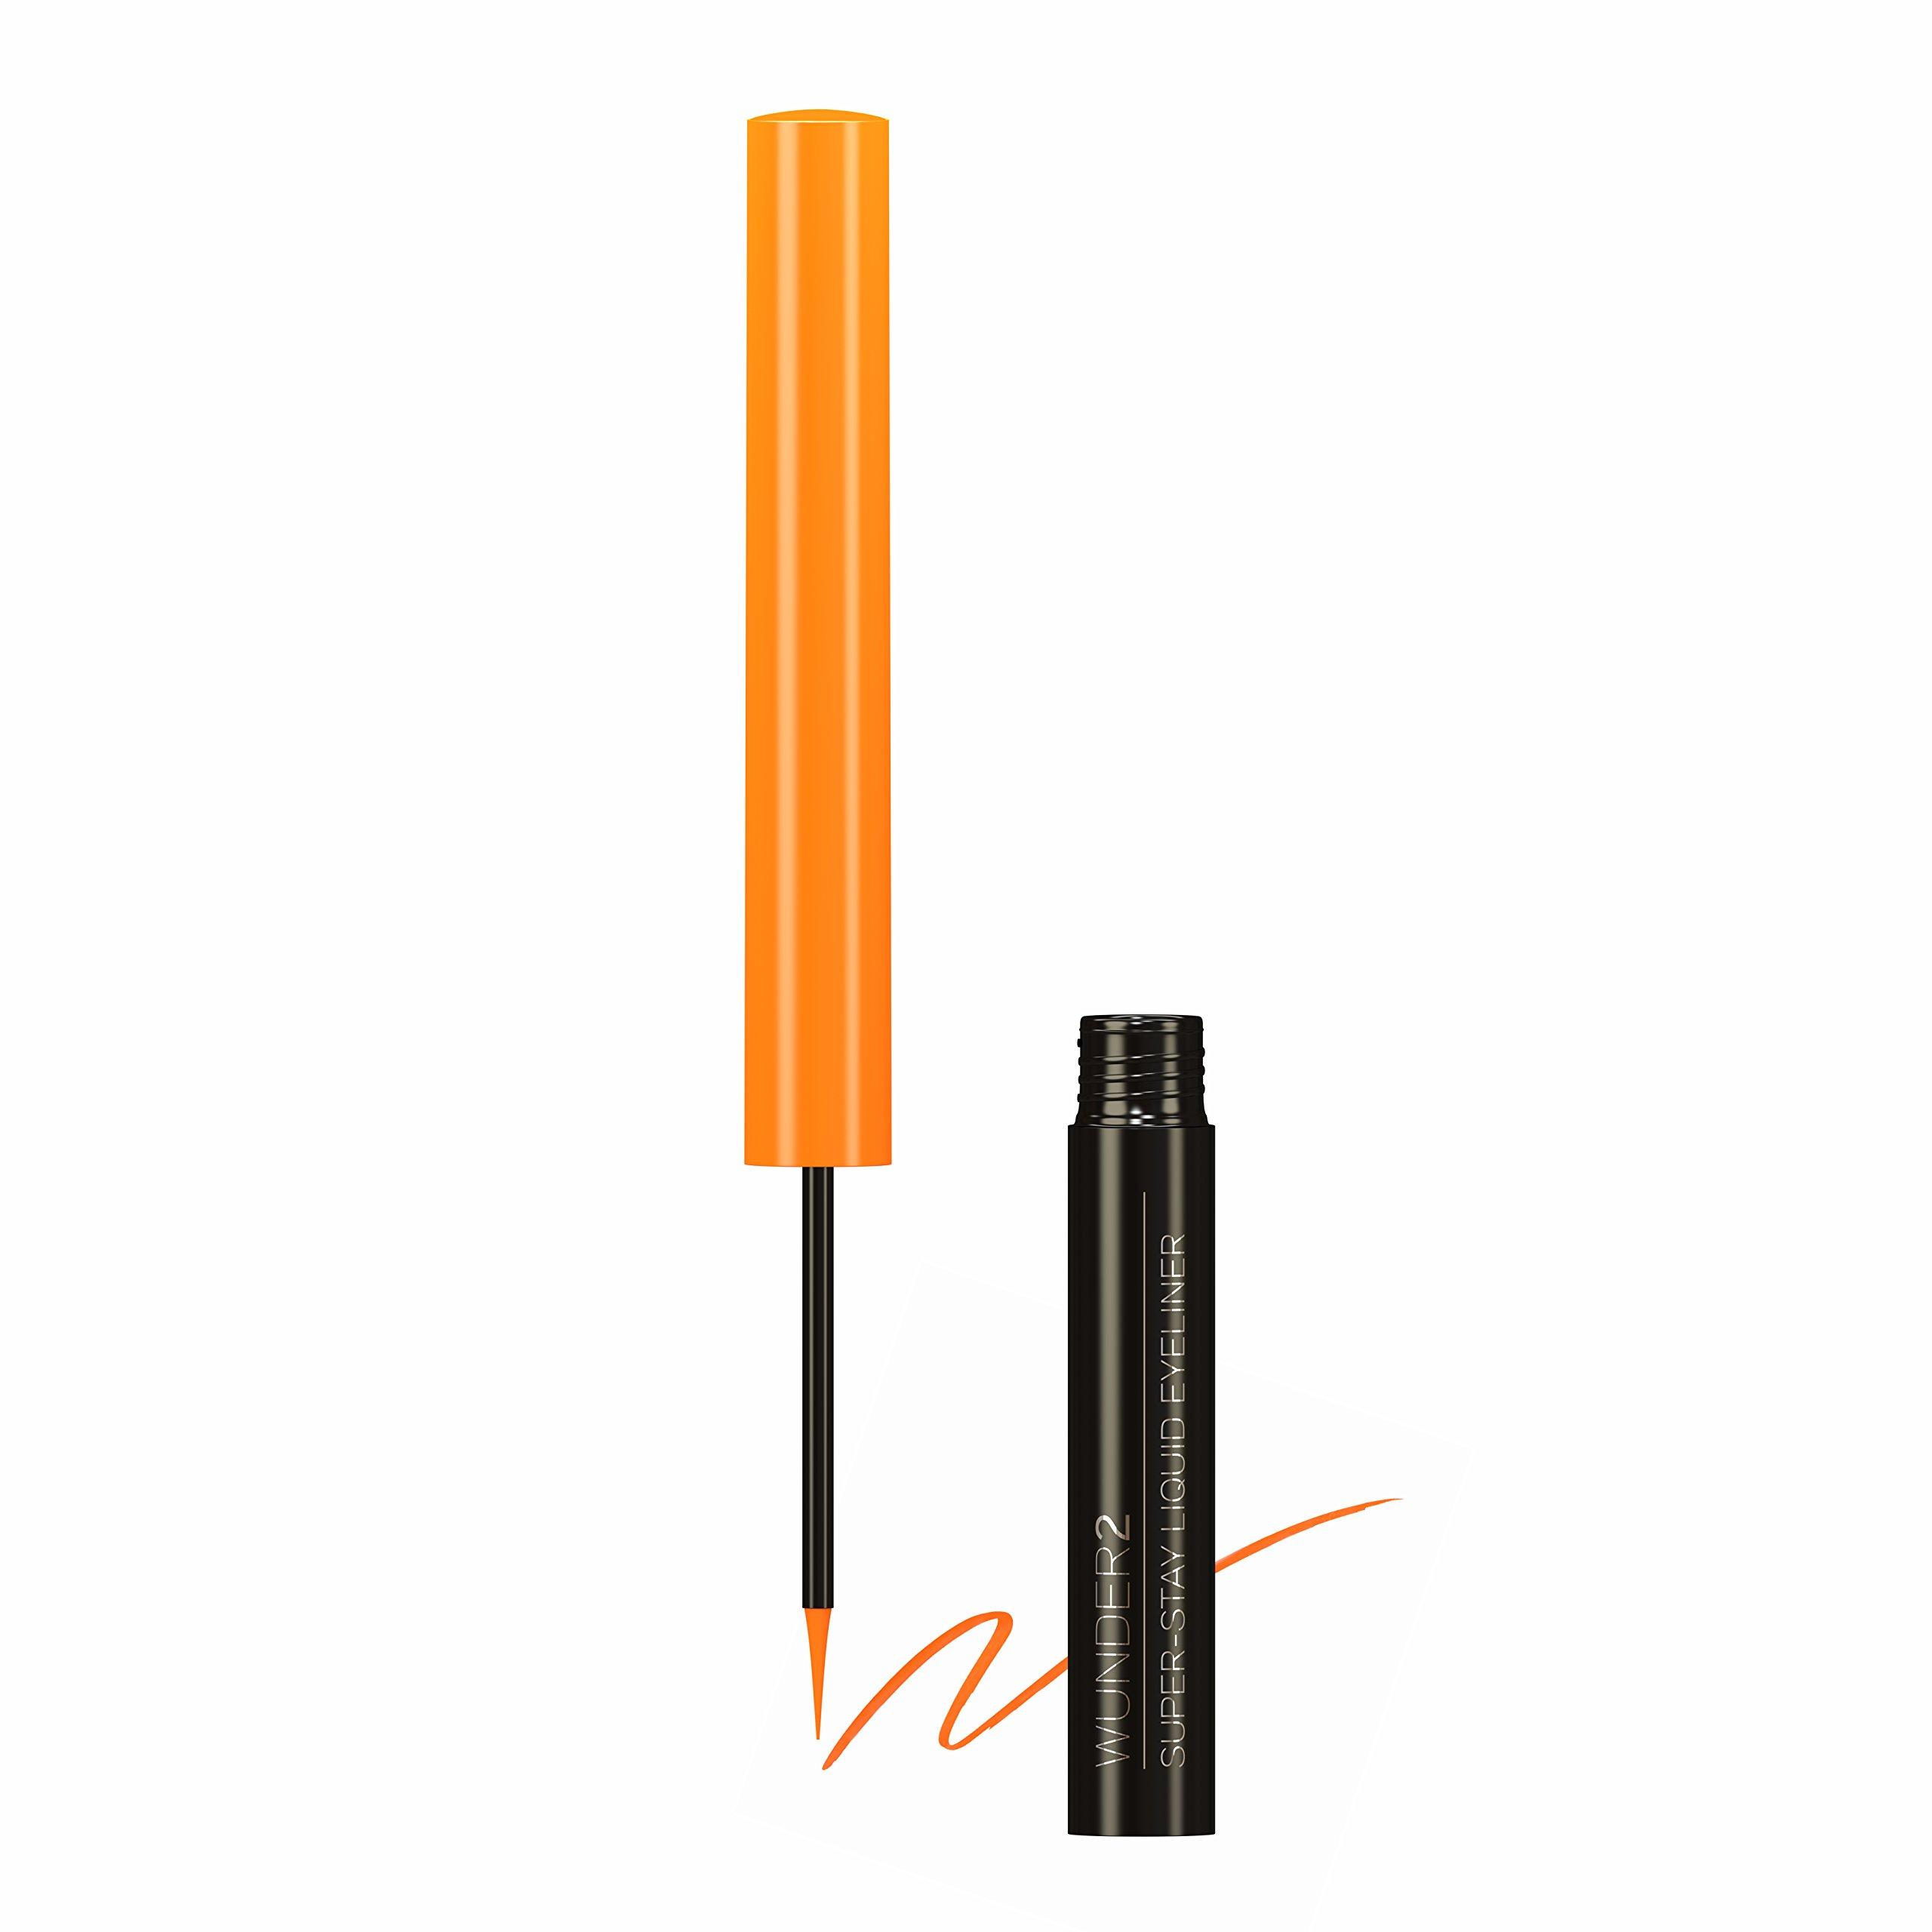 WUNDER2 Super-stay Long Lasting & Waterproof Liquid Eyeliner, Orange Pop, 0.058 fl. oz.